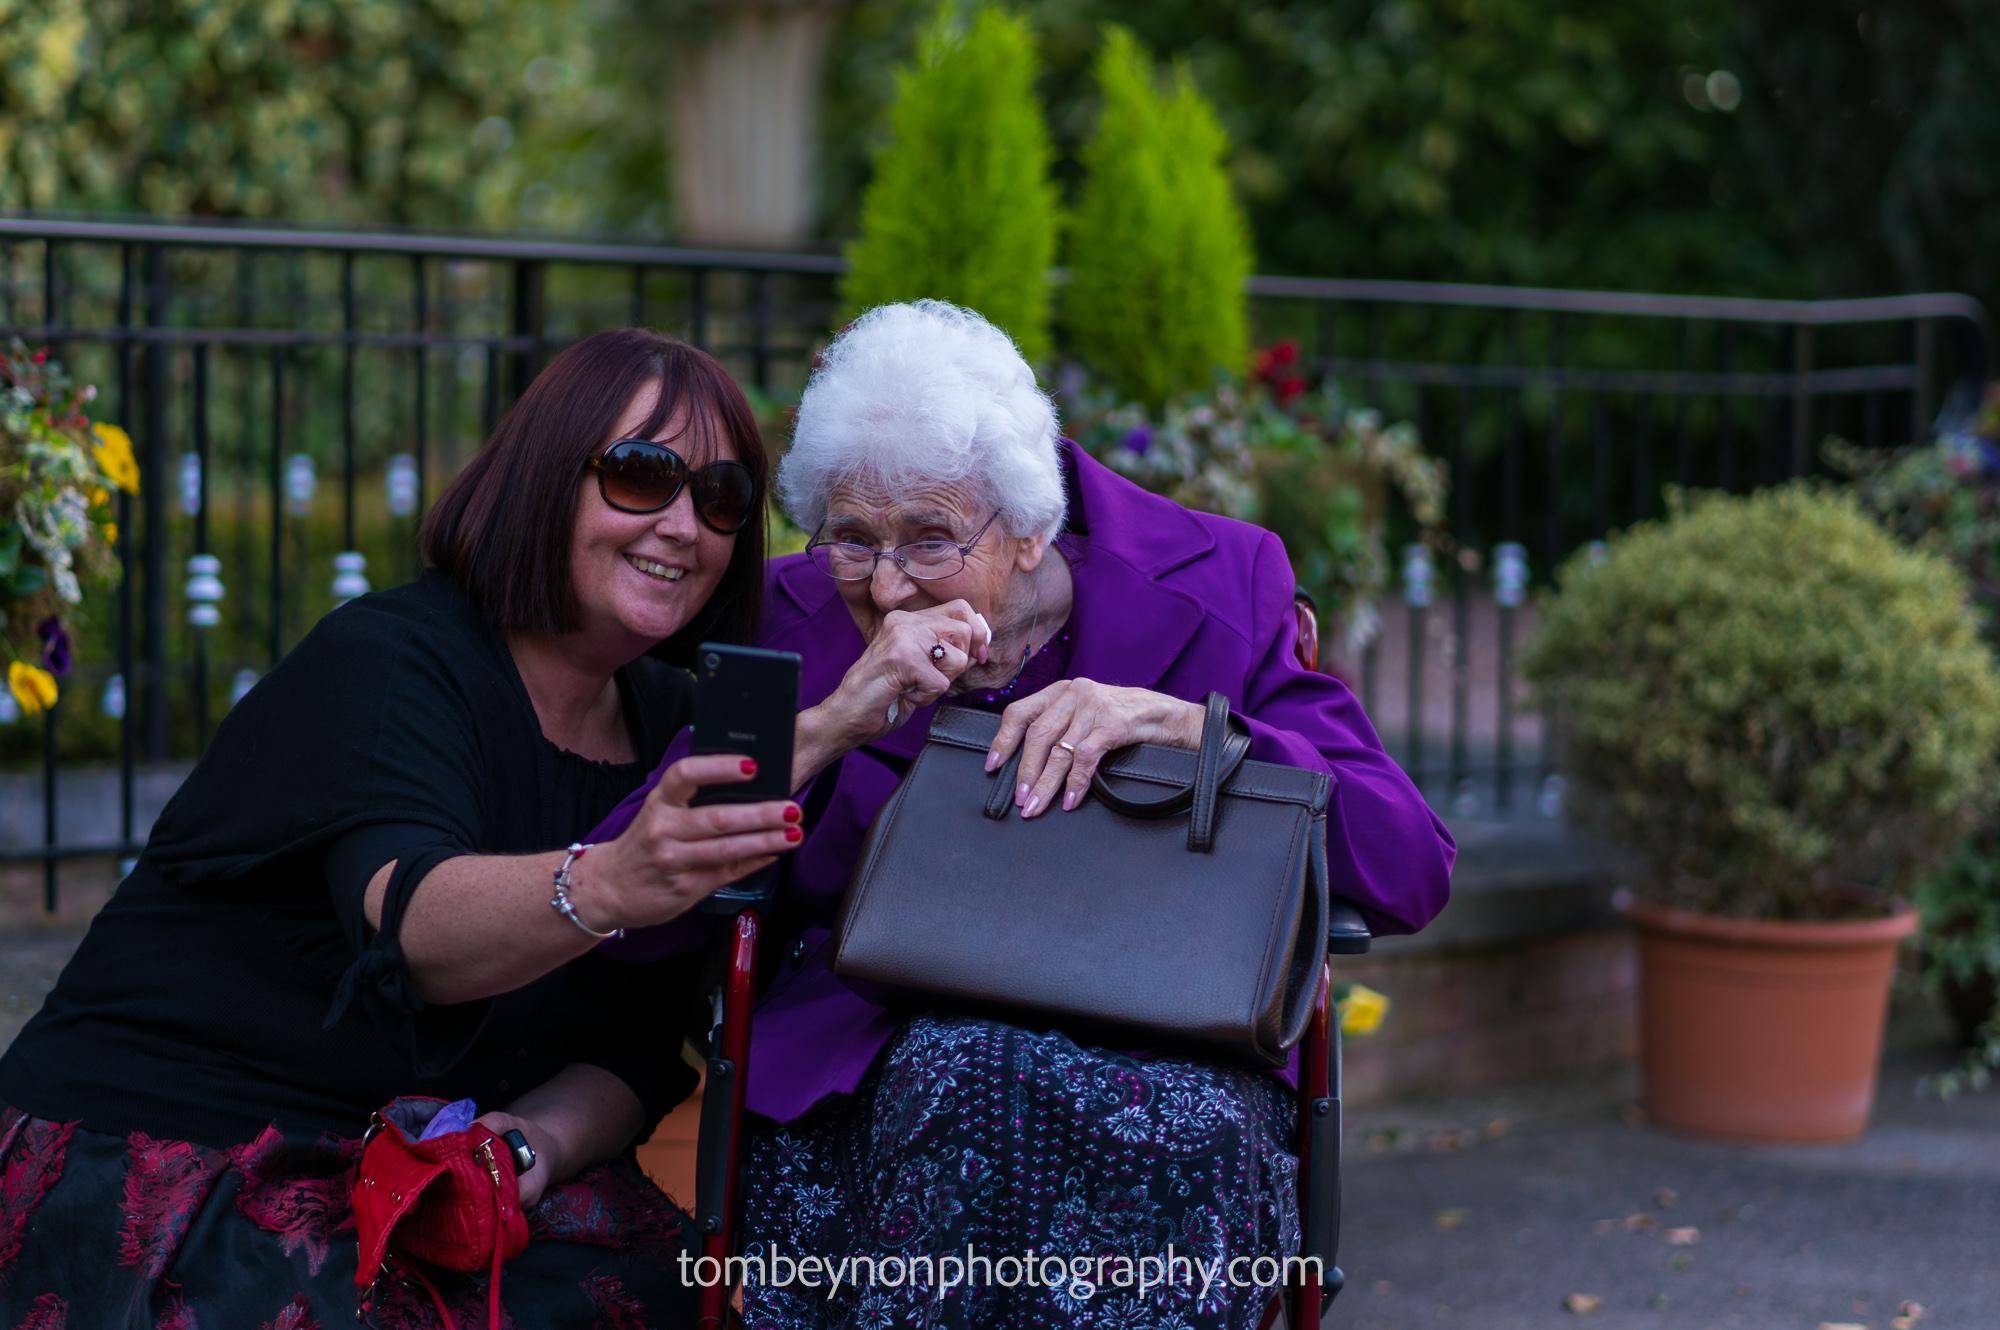 Pre-Wedding selfie with grandma